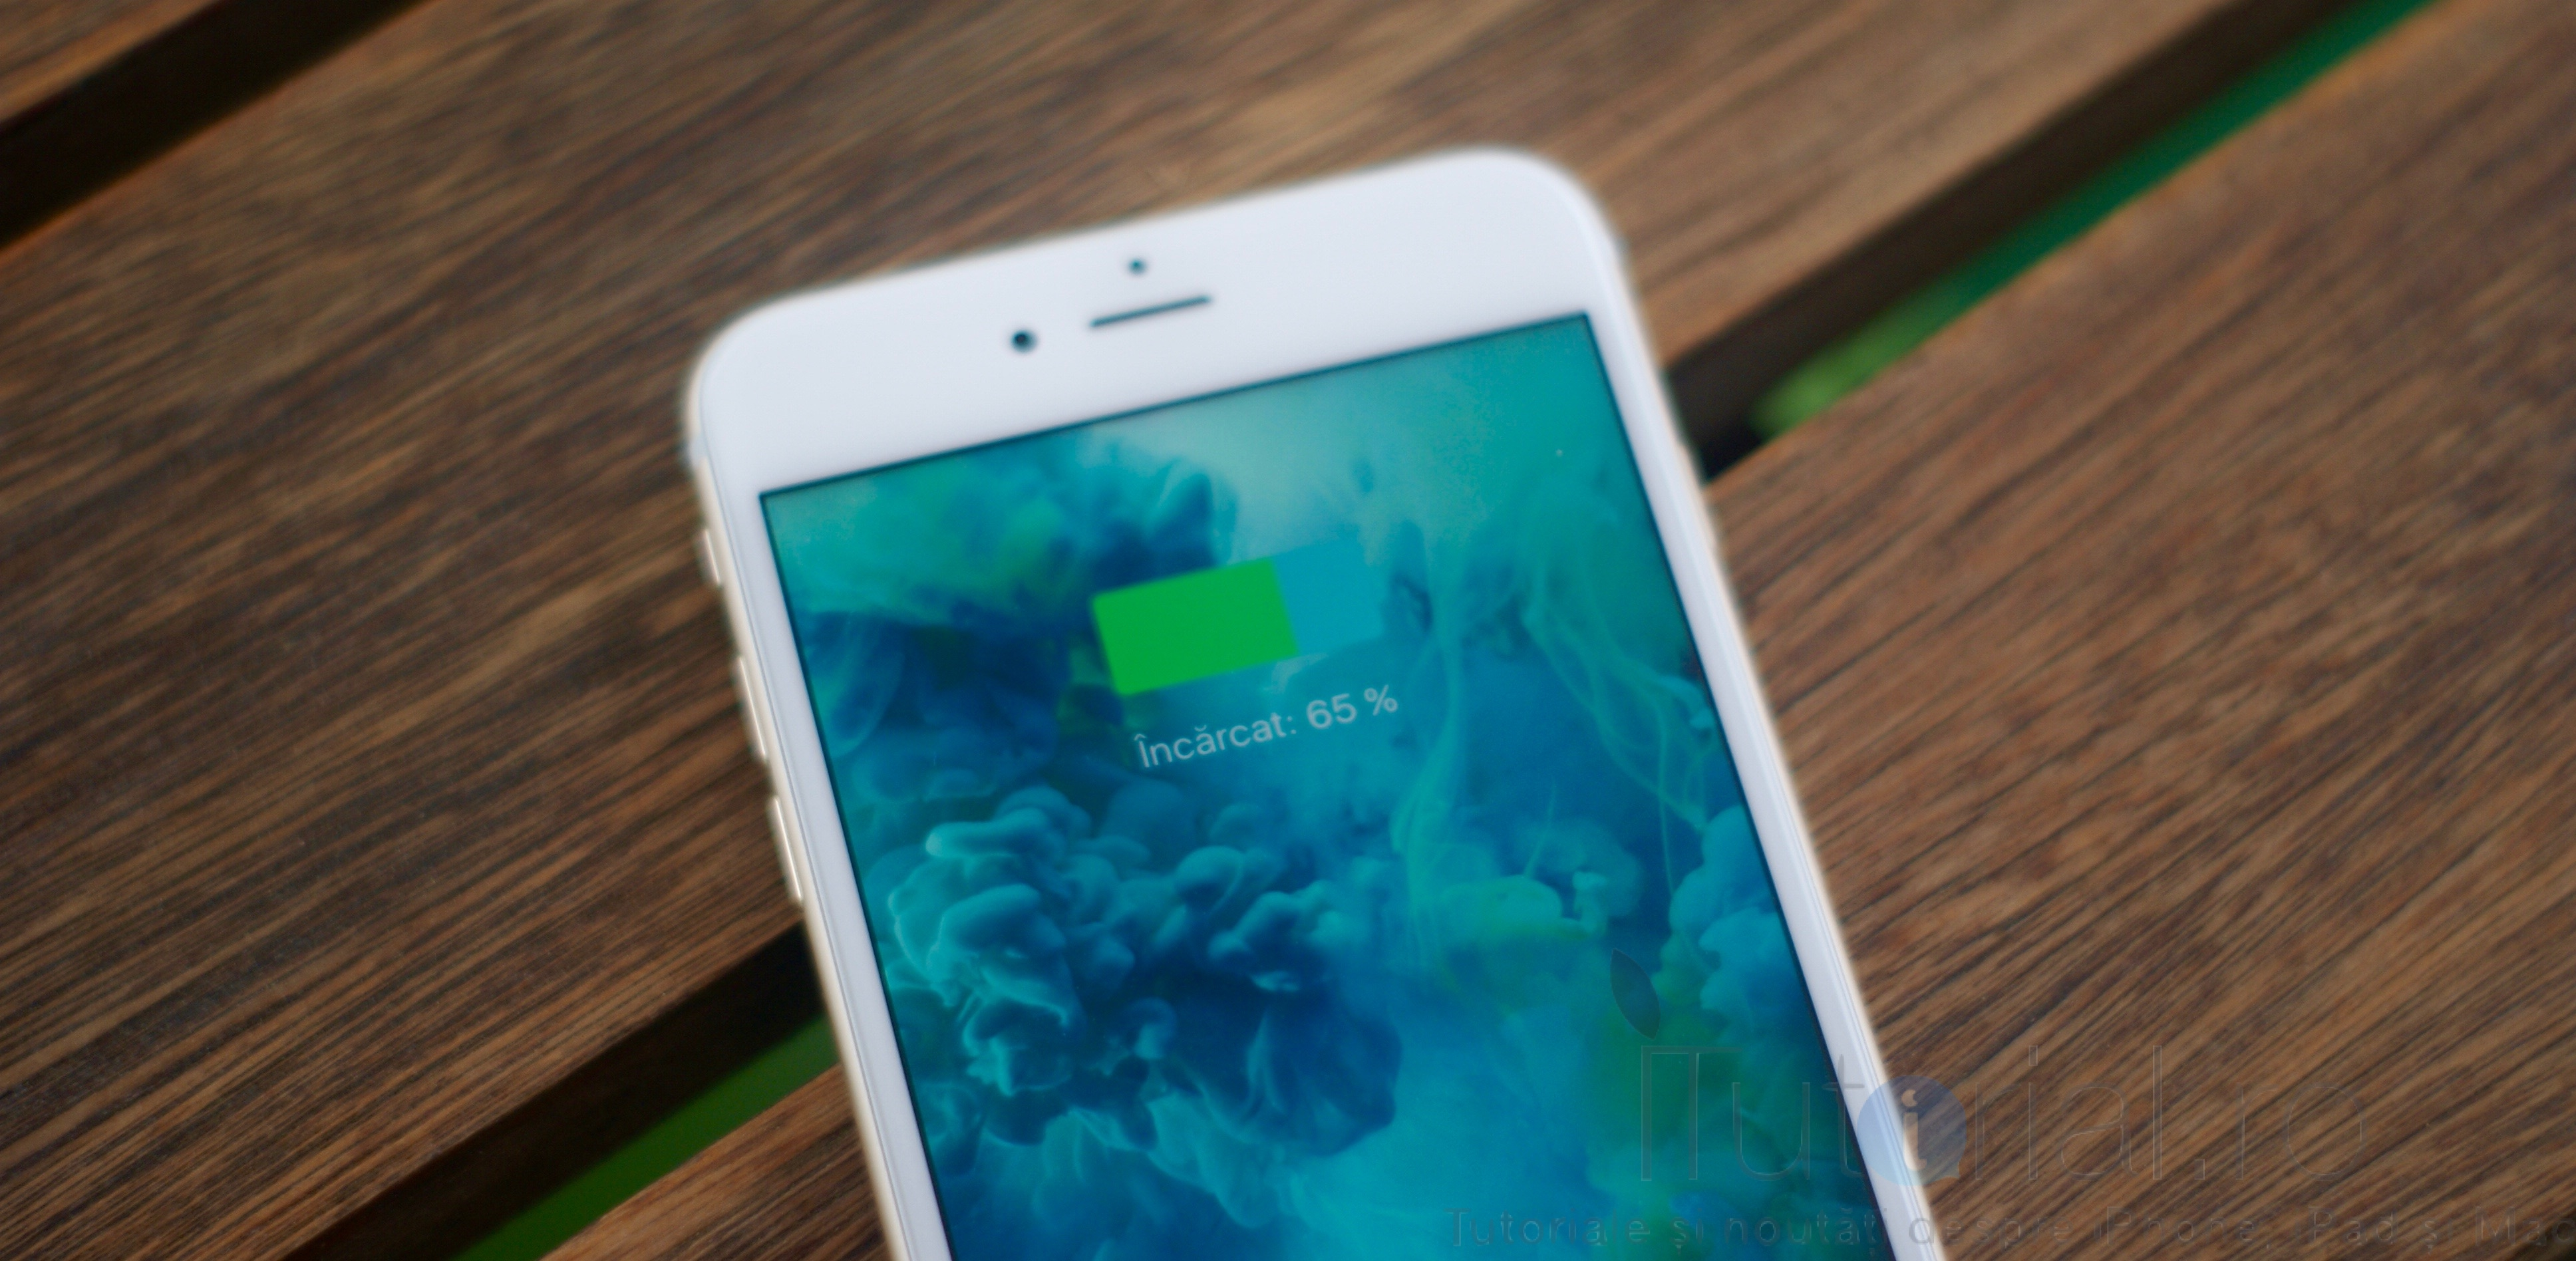 Cum iti ajuti iPhone-ul sa ramana mai mult timp incarcat?